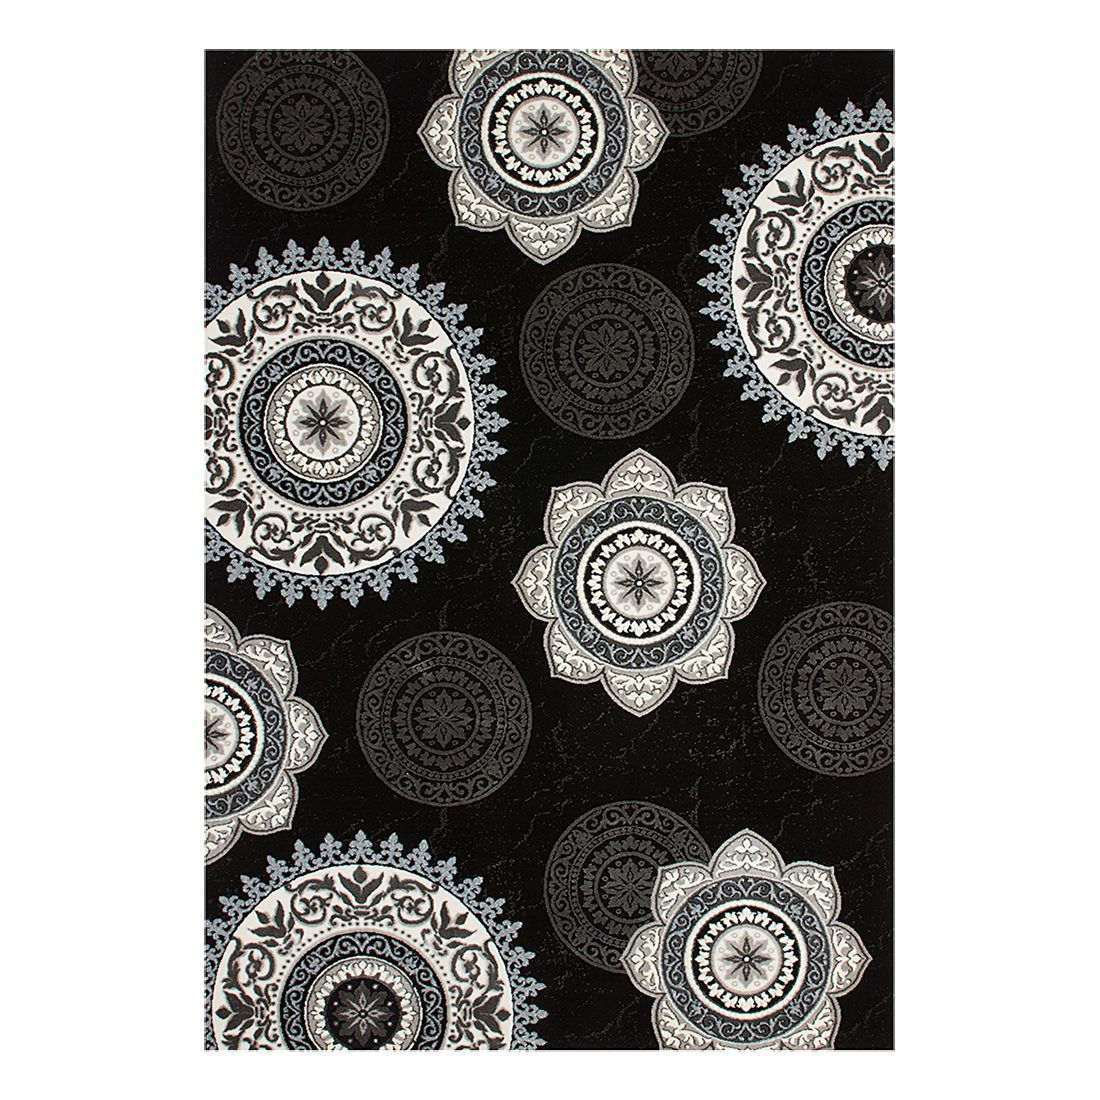 Teppich Aura – Schwarz – 80 x 150 cm, Kayoom günstig online kaufen